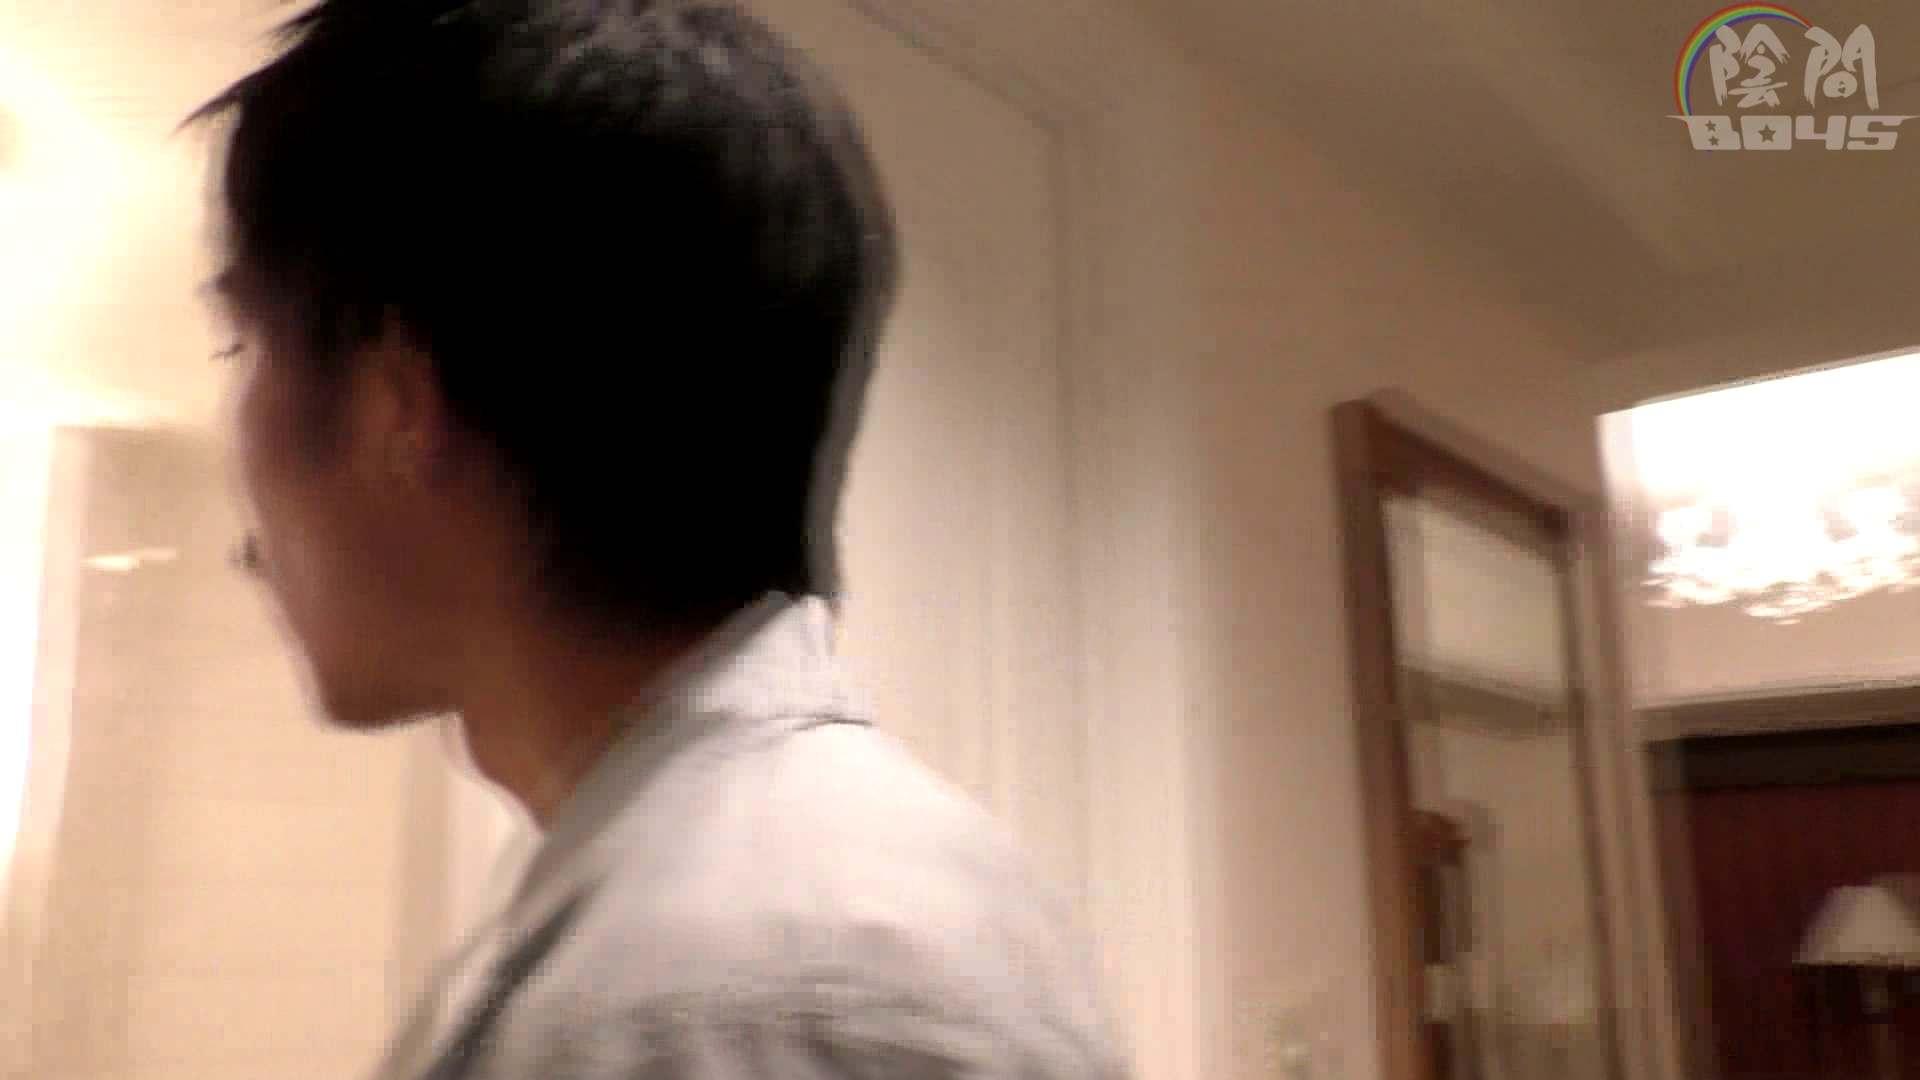 陰間BOYS~「アナルだけは許して…」~01 アナル ゲイザーメン画像 113枚 80